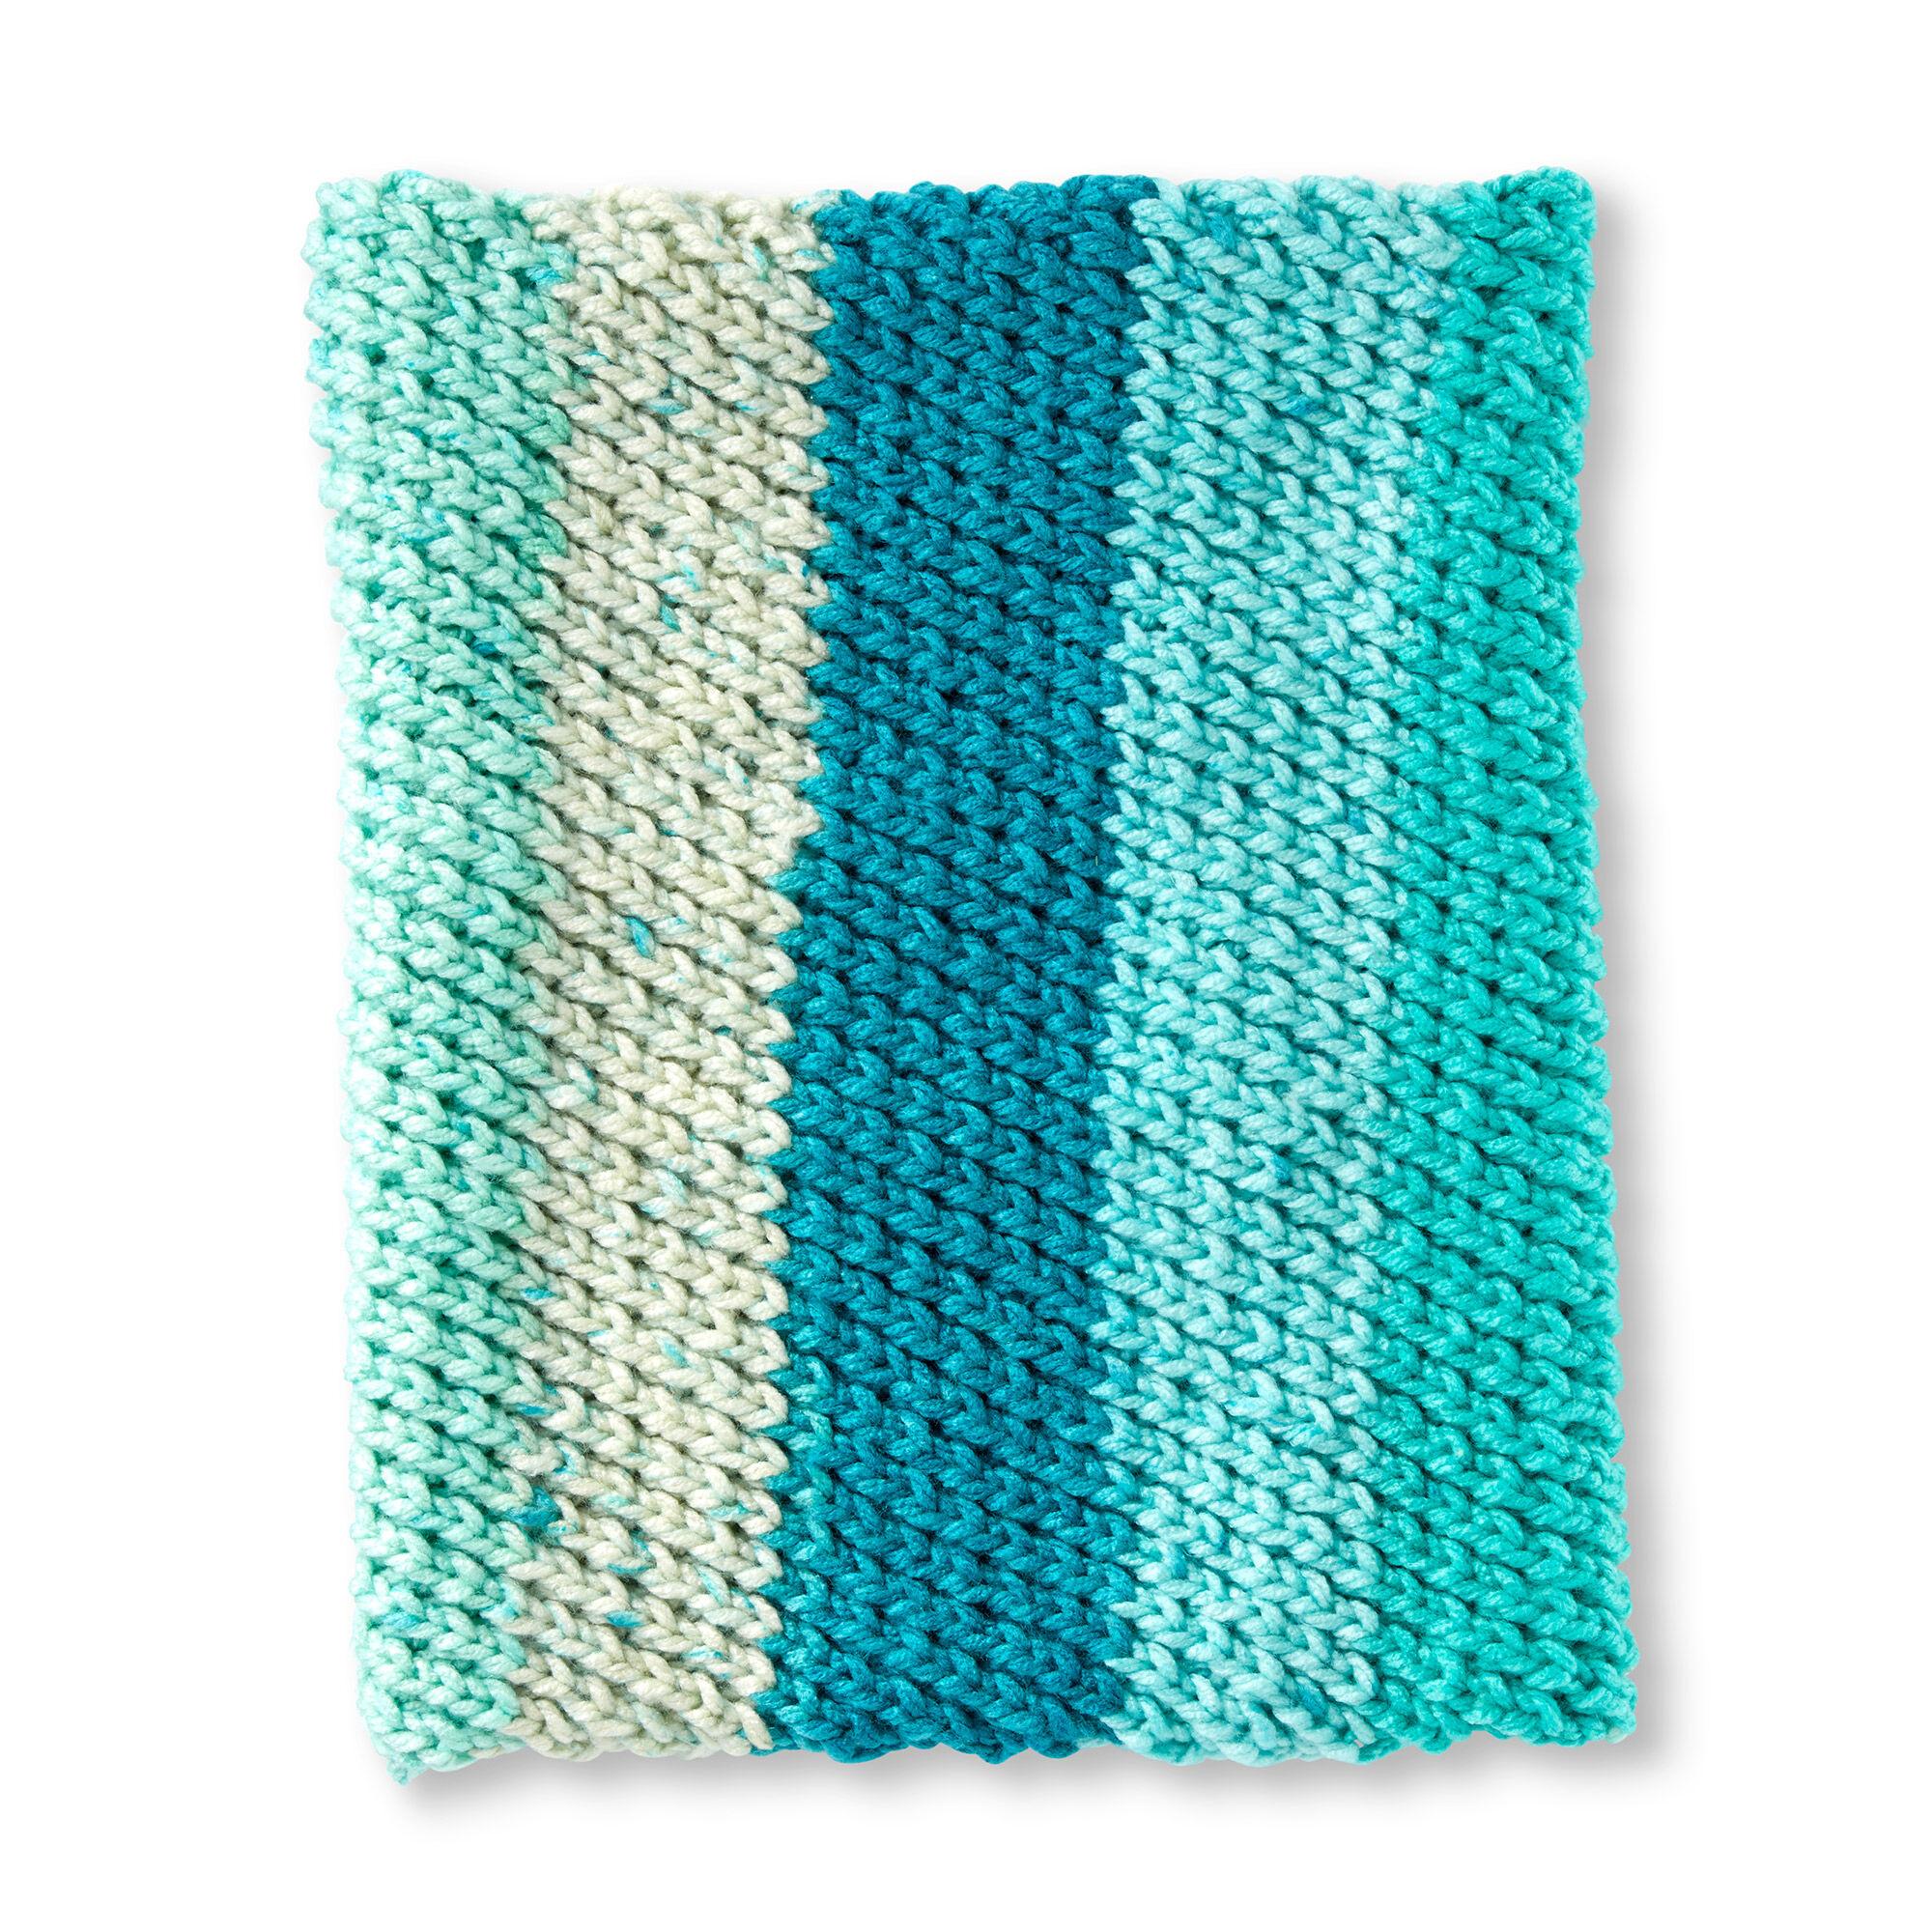 Caron Diagonal Stitch Knit Cowl Pattern | Yarnspirations